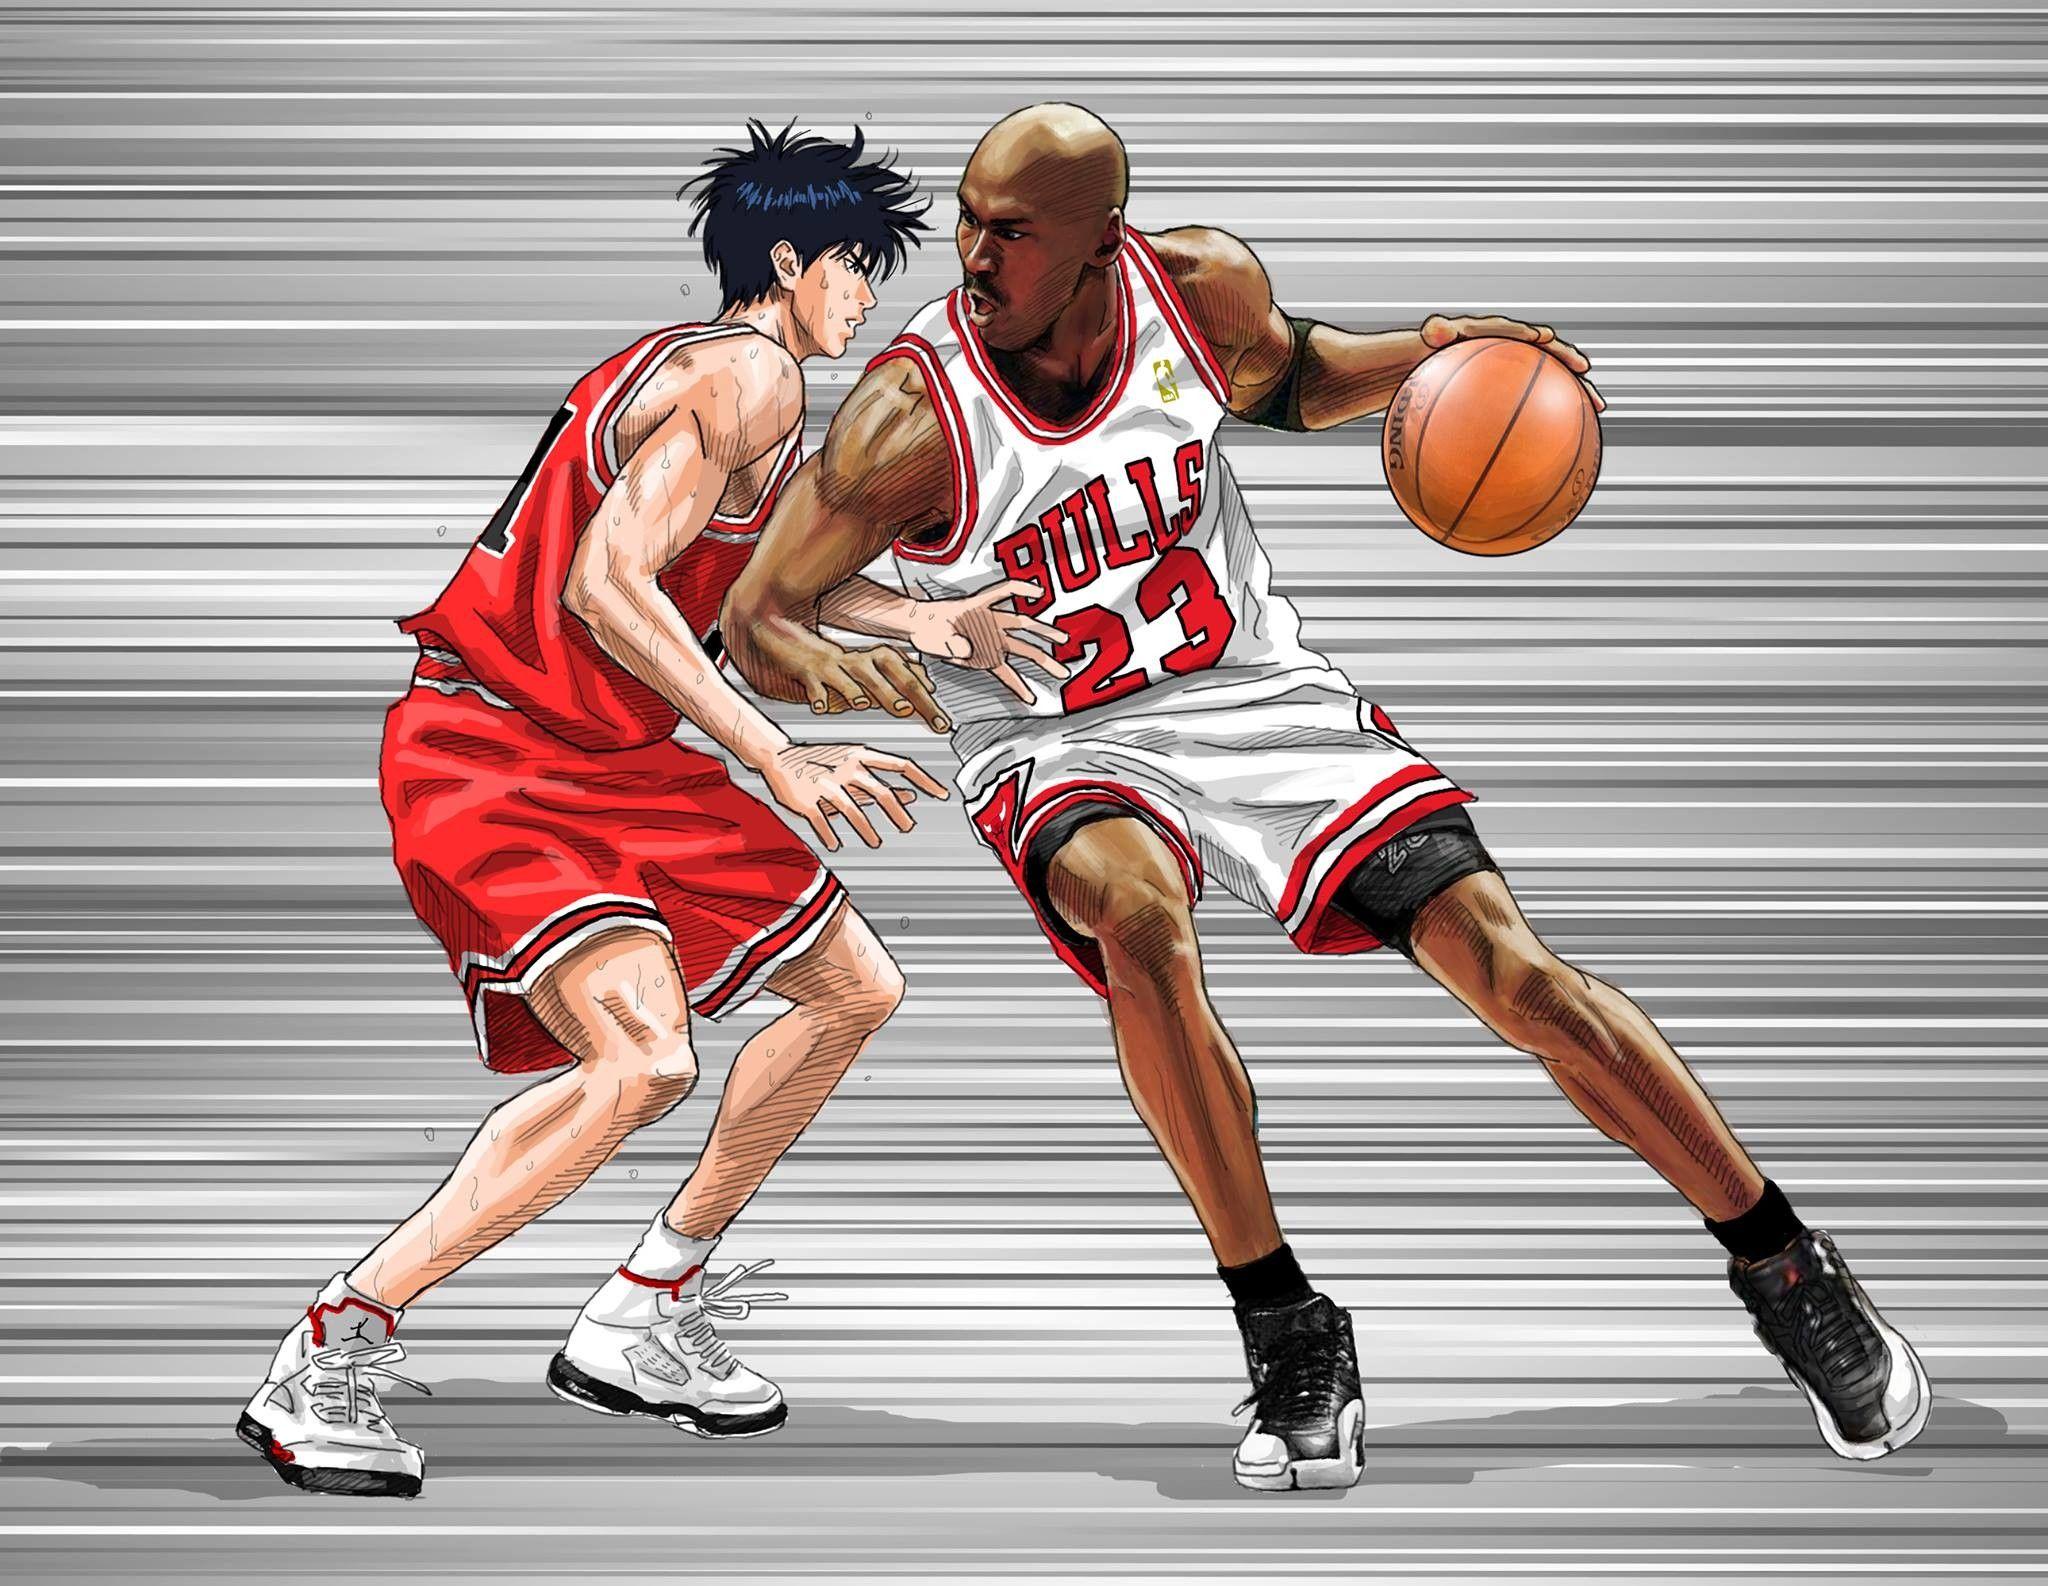 Image Result For Michael Jordan Dunk Wallpaper Michael Jordan Pictures Michael Jordan Slam Dunk Manga